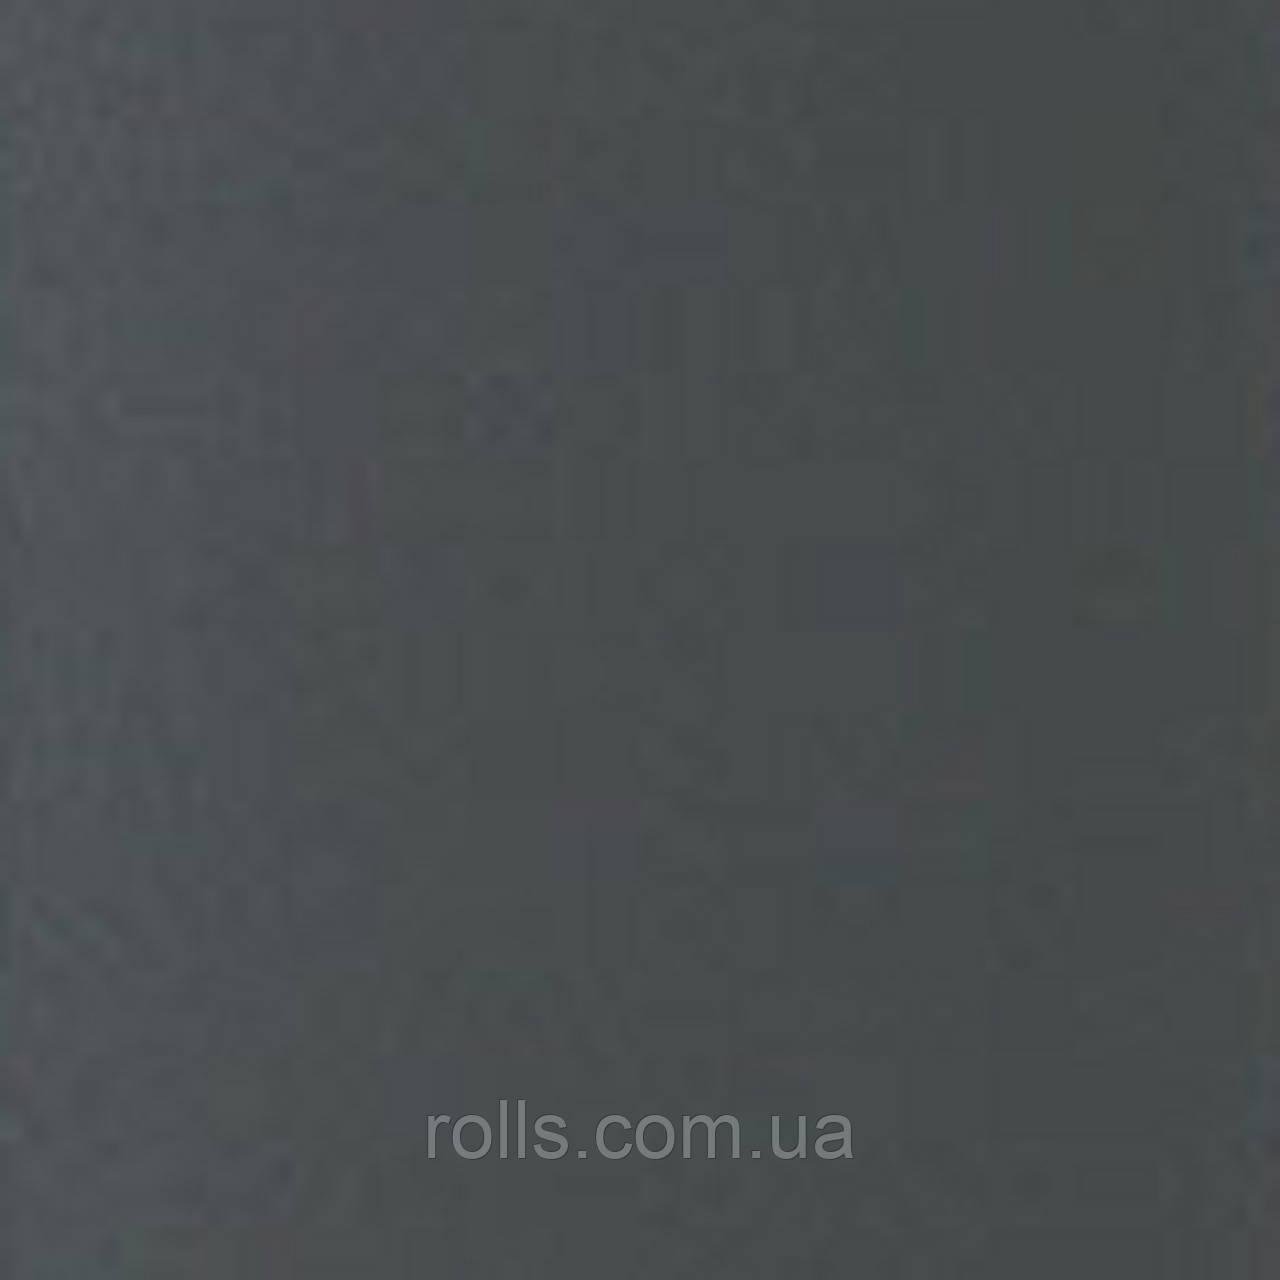 """Лист алюминиевый Prefalz P.10 №19 DUNKELGRAU """"ТЕМНО-СЕРЫЙ"""" RAL7043 """"DARK GRAY"""" 0,7х1000х2000мм плоский"""